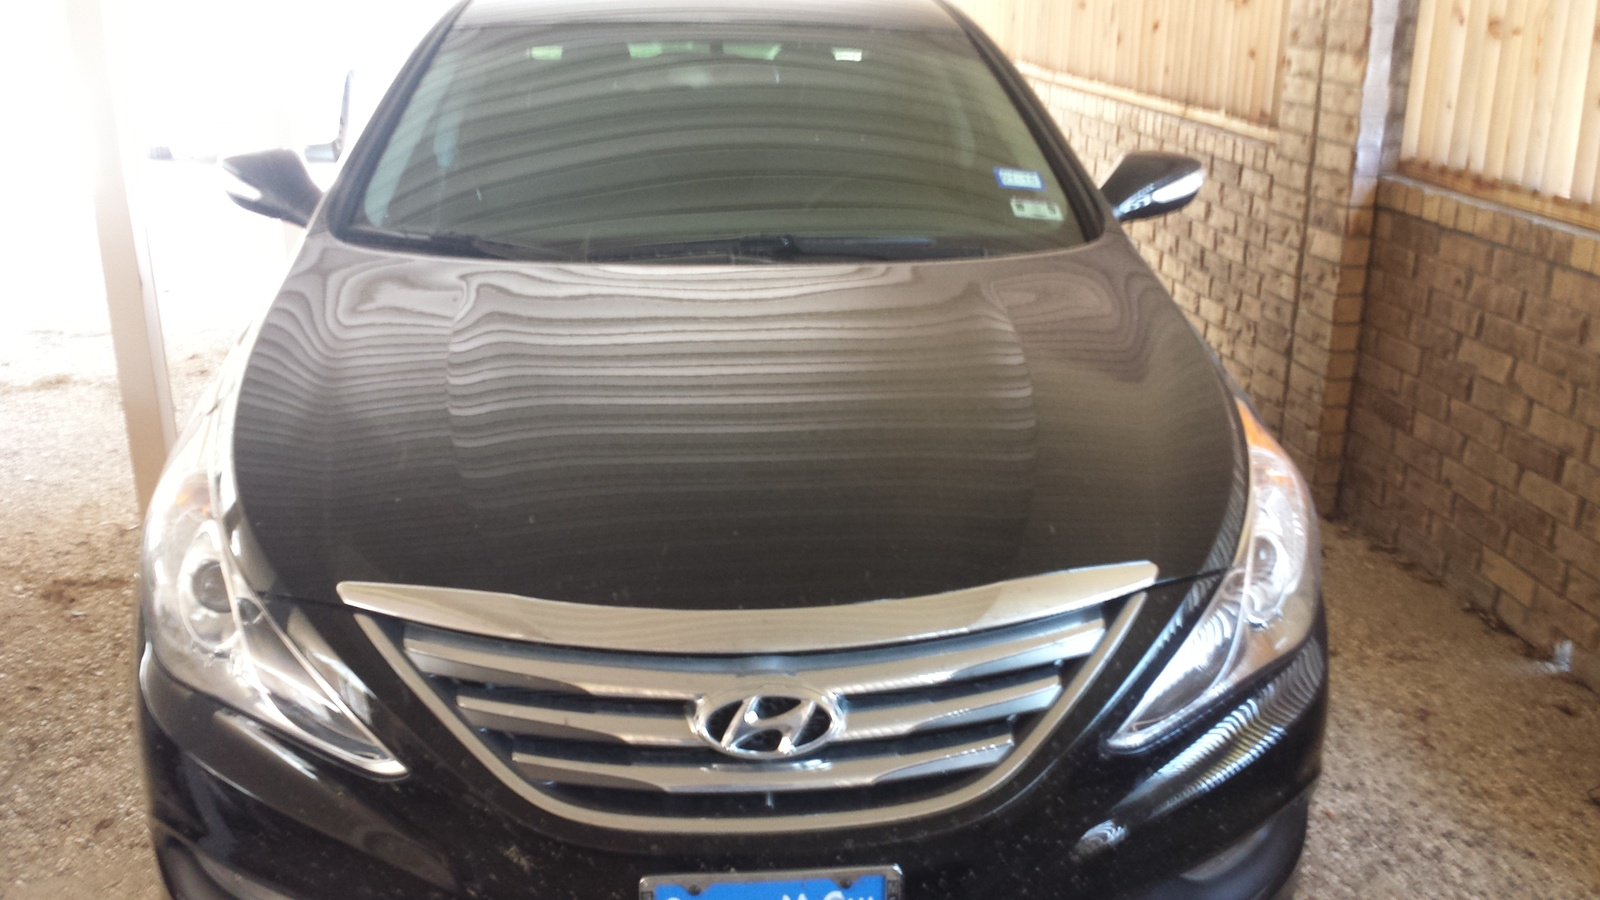 Picture of 2014 Hyundai Sonata SE